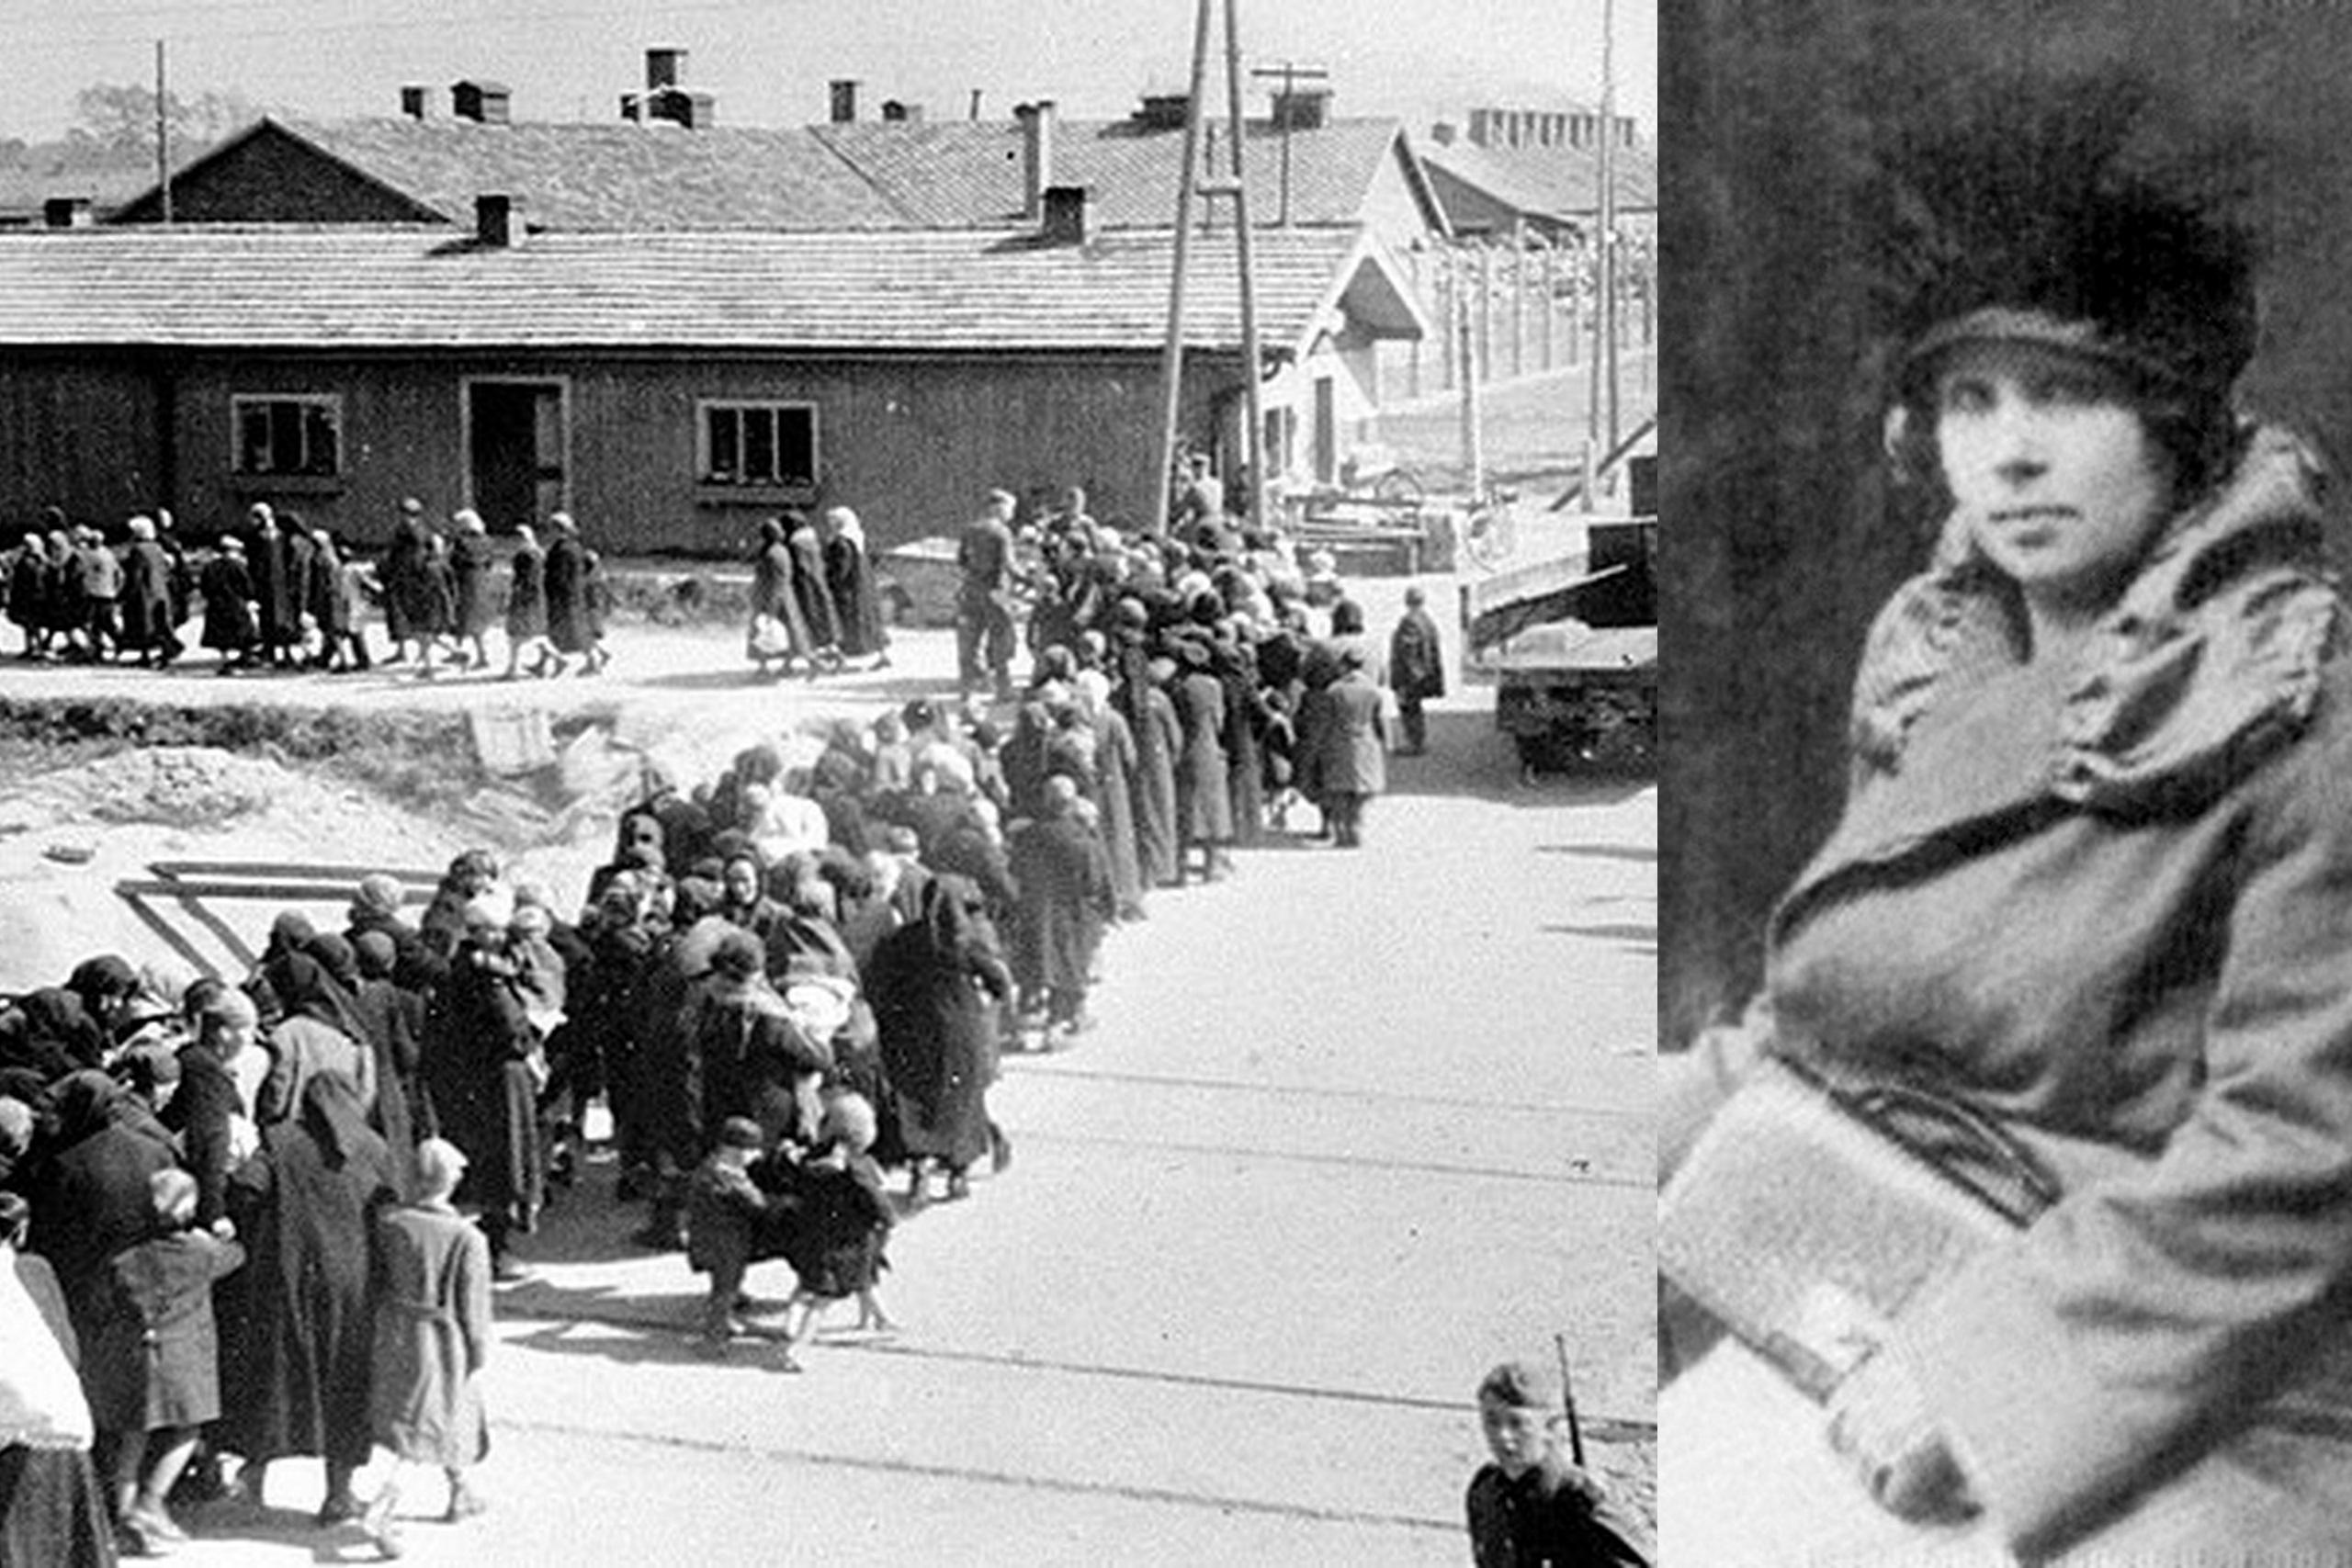 Egy szülésznő, aki az auschwitzi halálzónában is a babákért küzdött